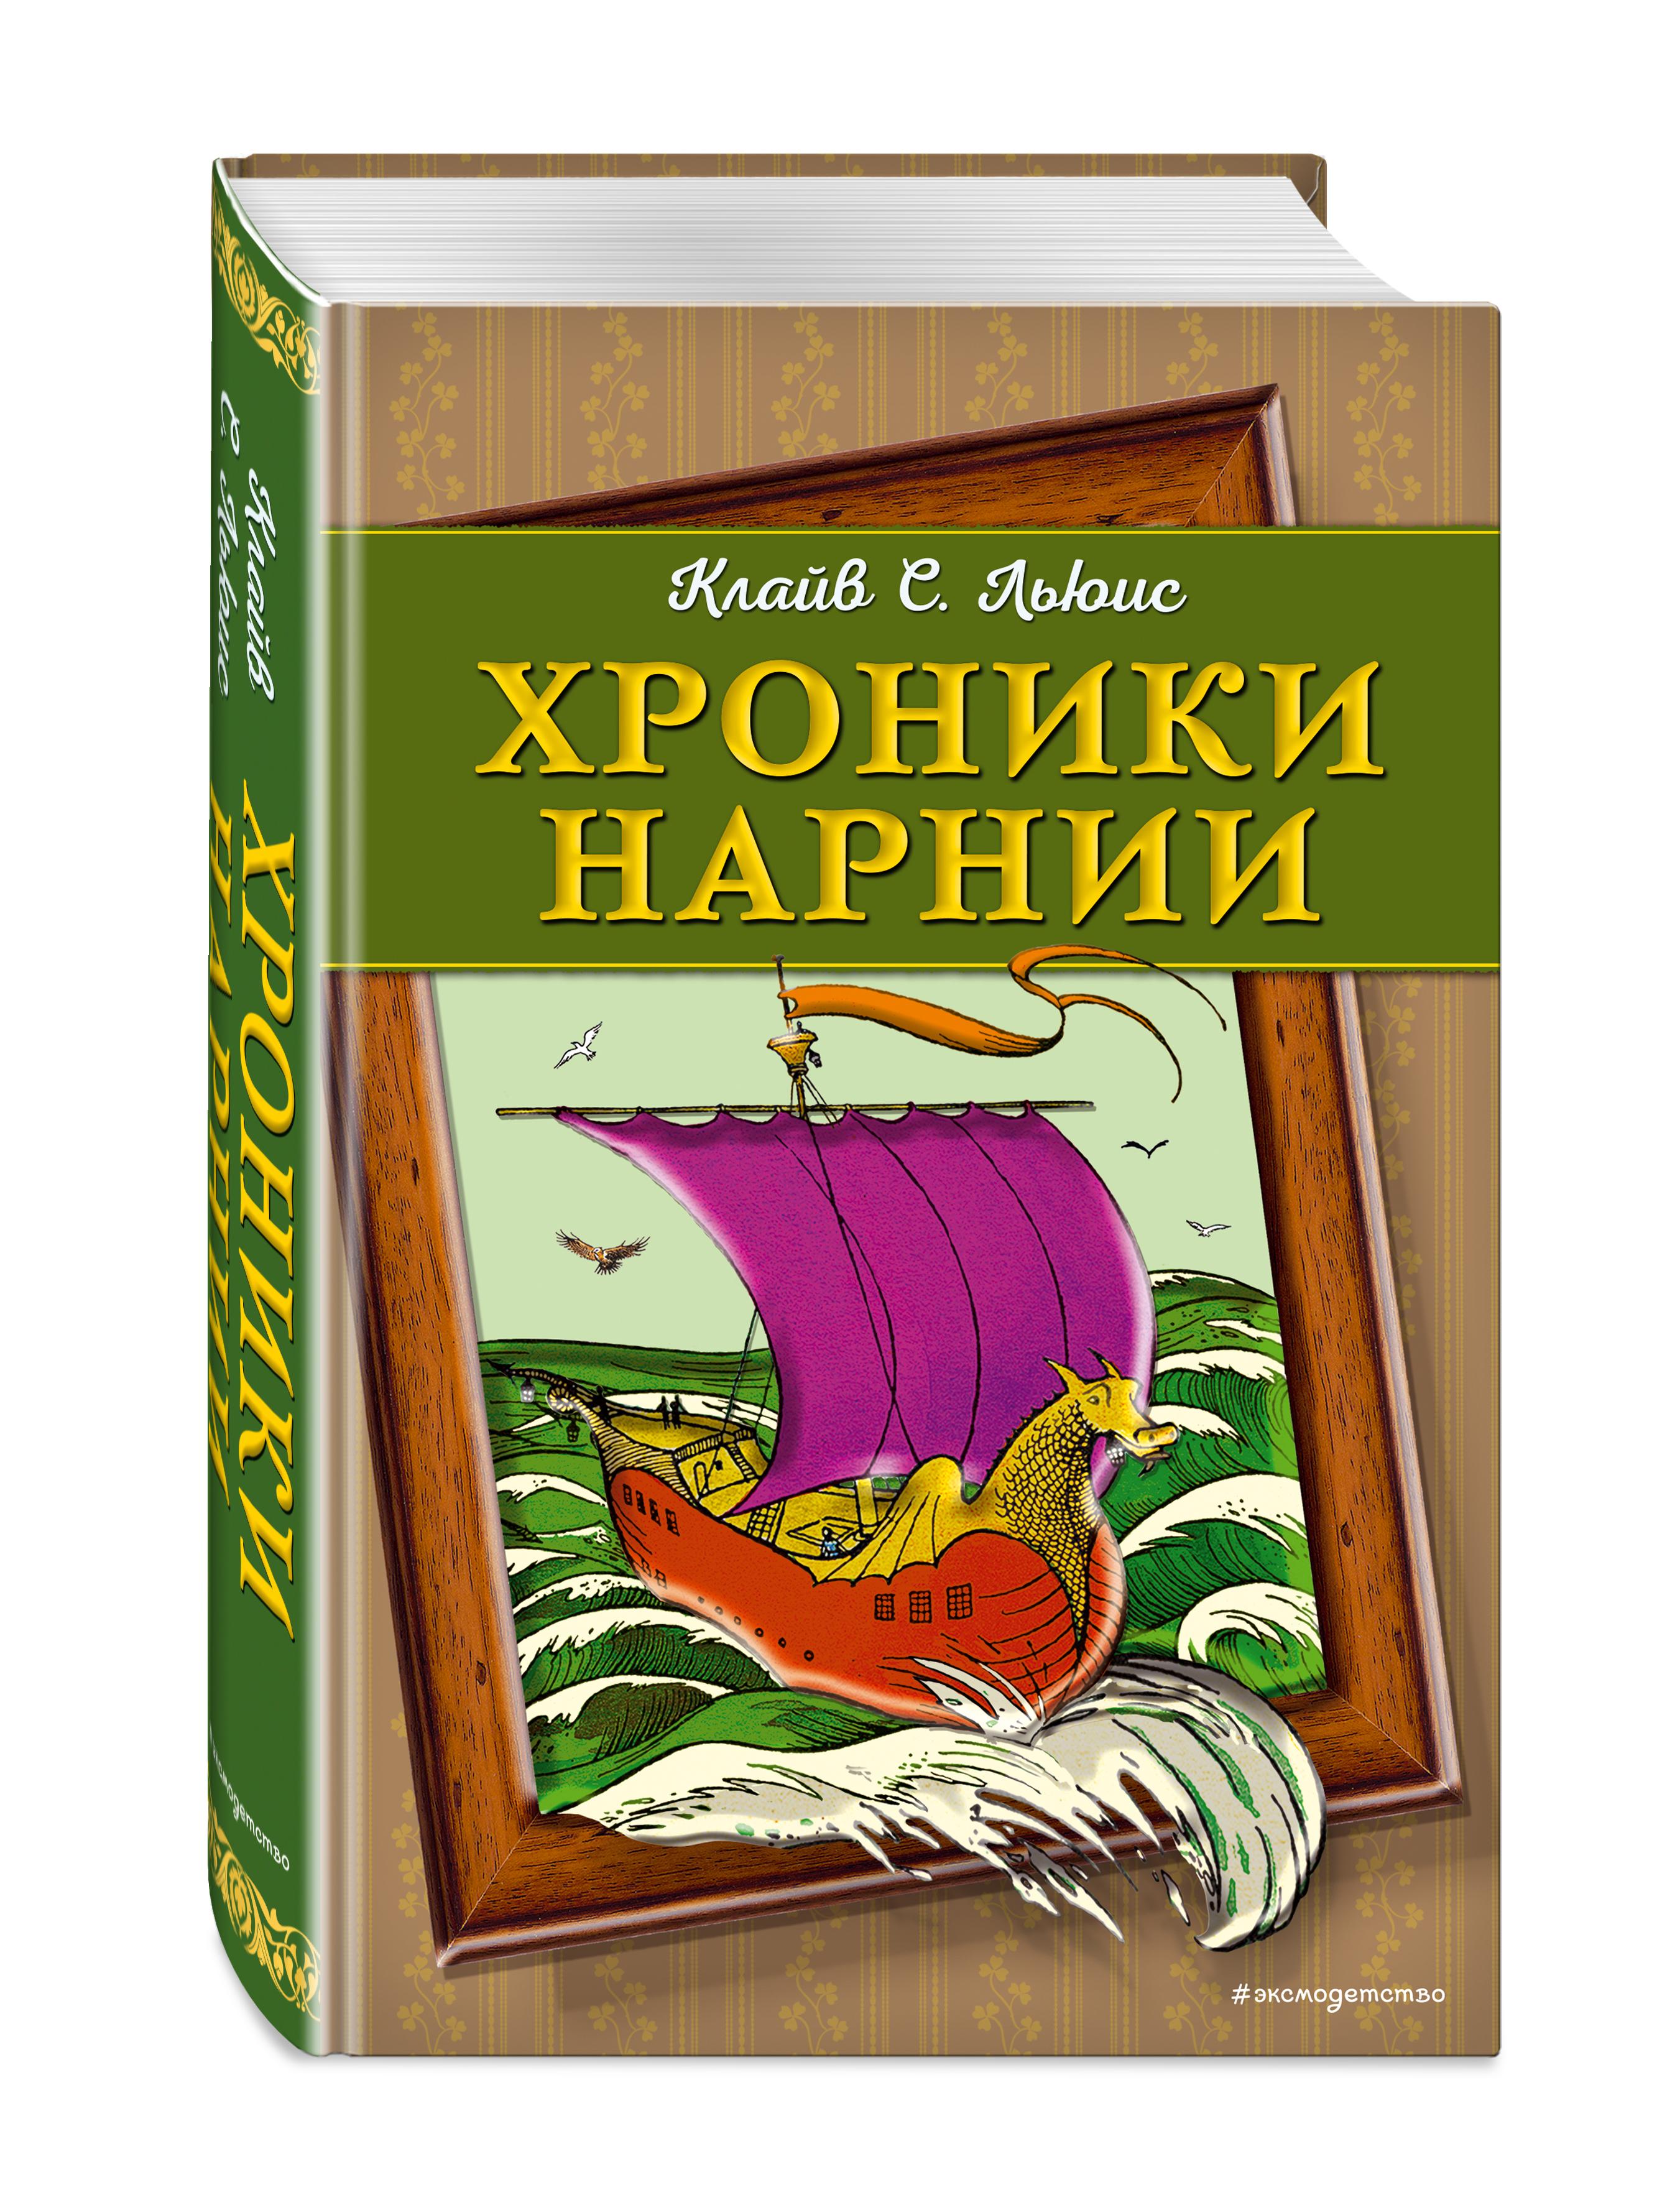 Клайв С. Льюис Хроники Нарнии (ил. П. Бейнс) (цв. ил.) все цены